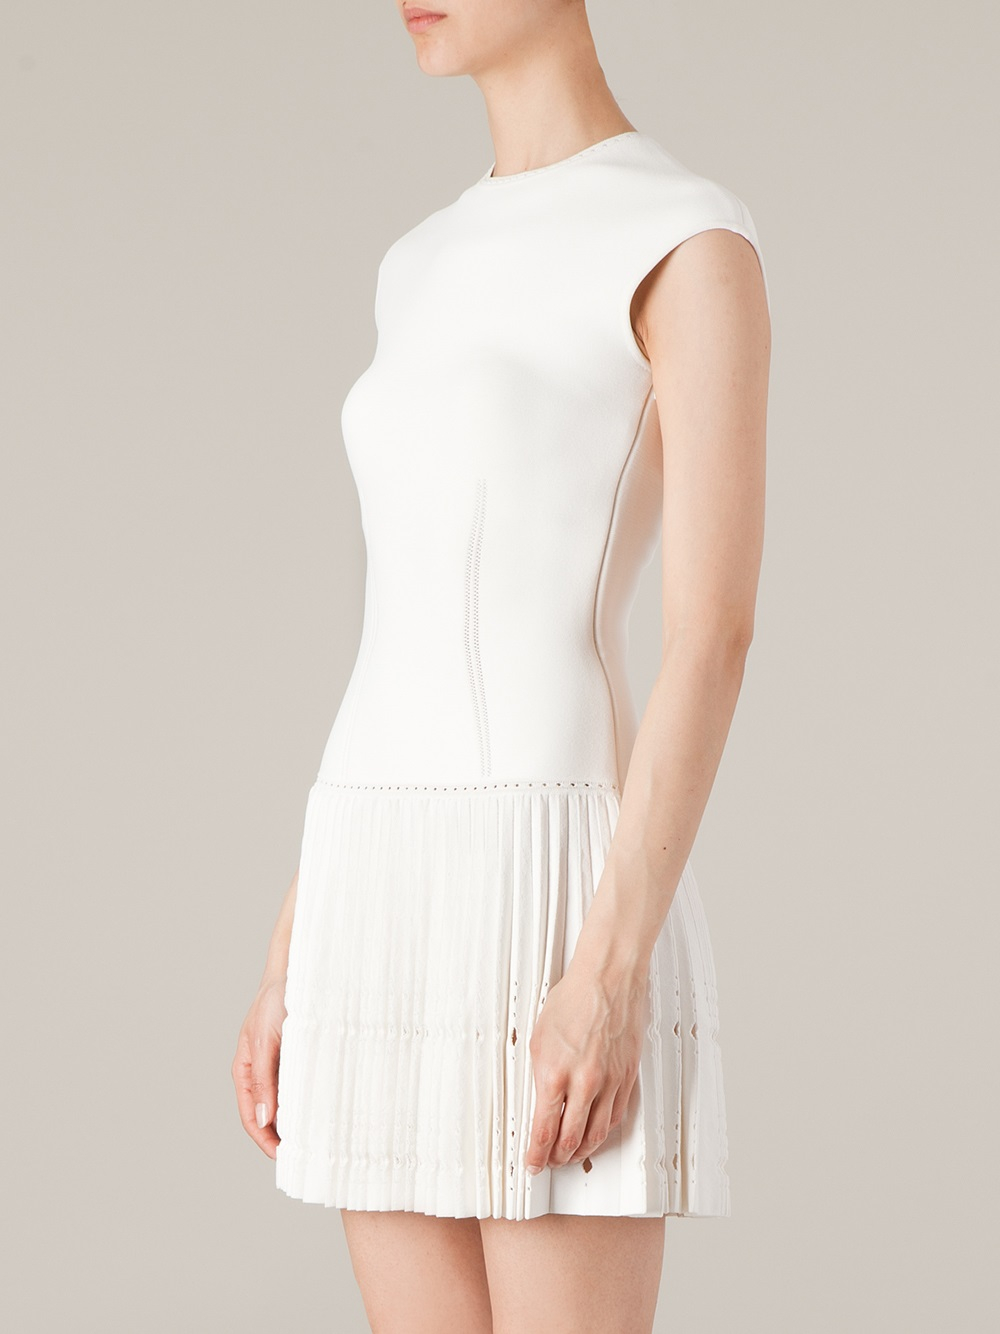 White Skirt Dress 47